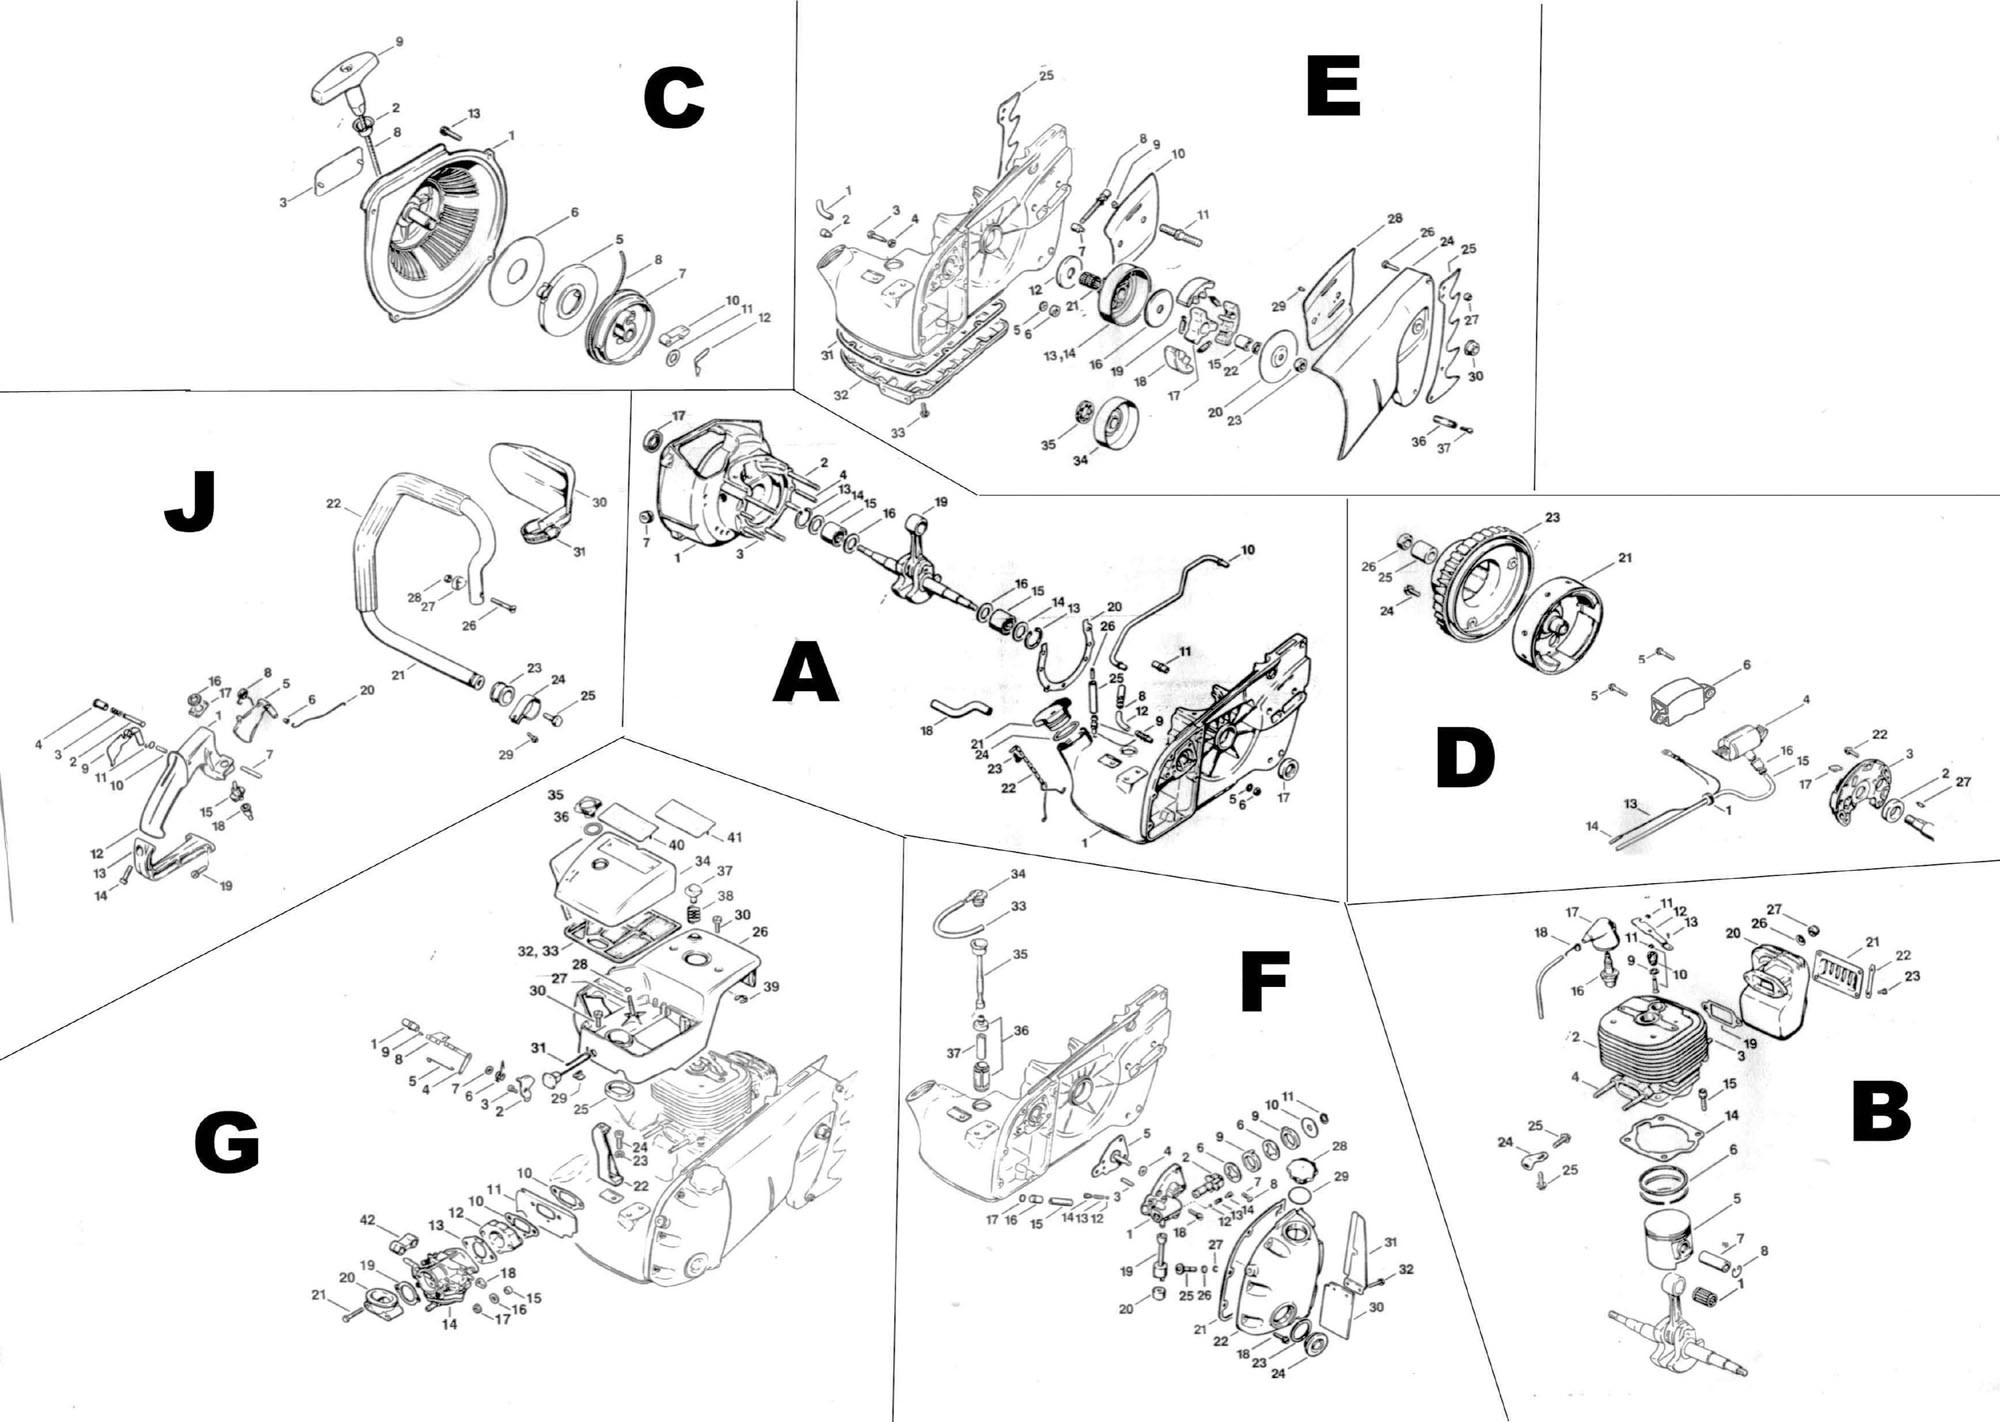 Search Results For Stihl 046 Impression Carinteriordesign